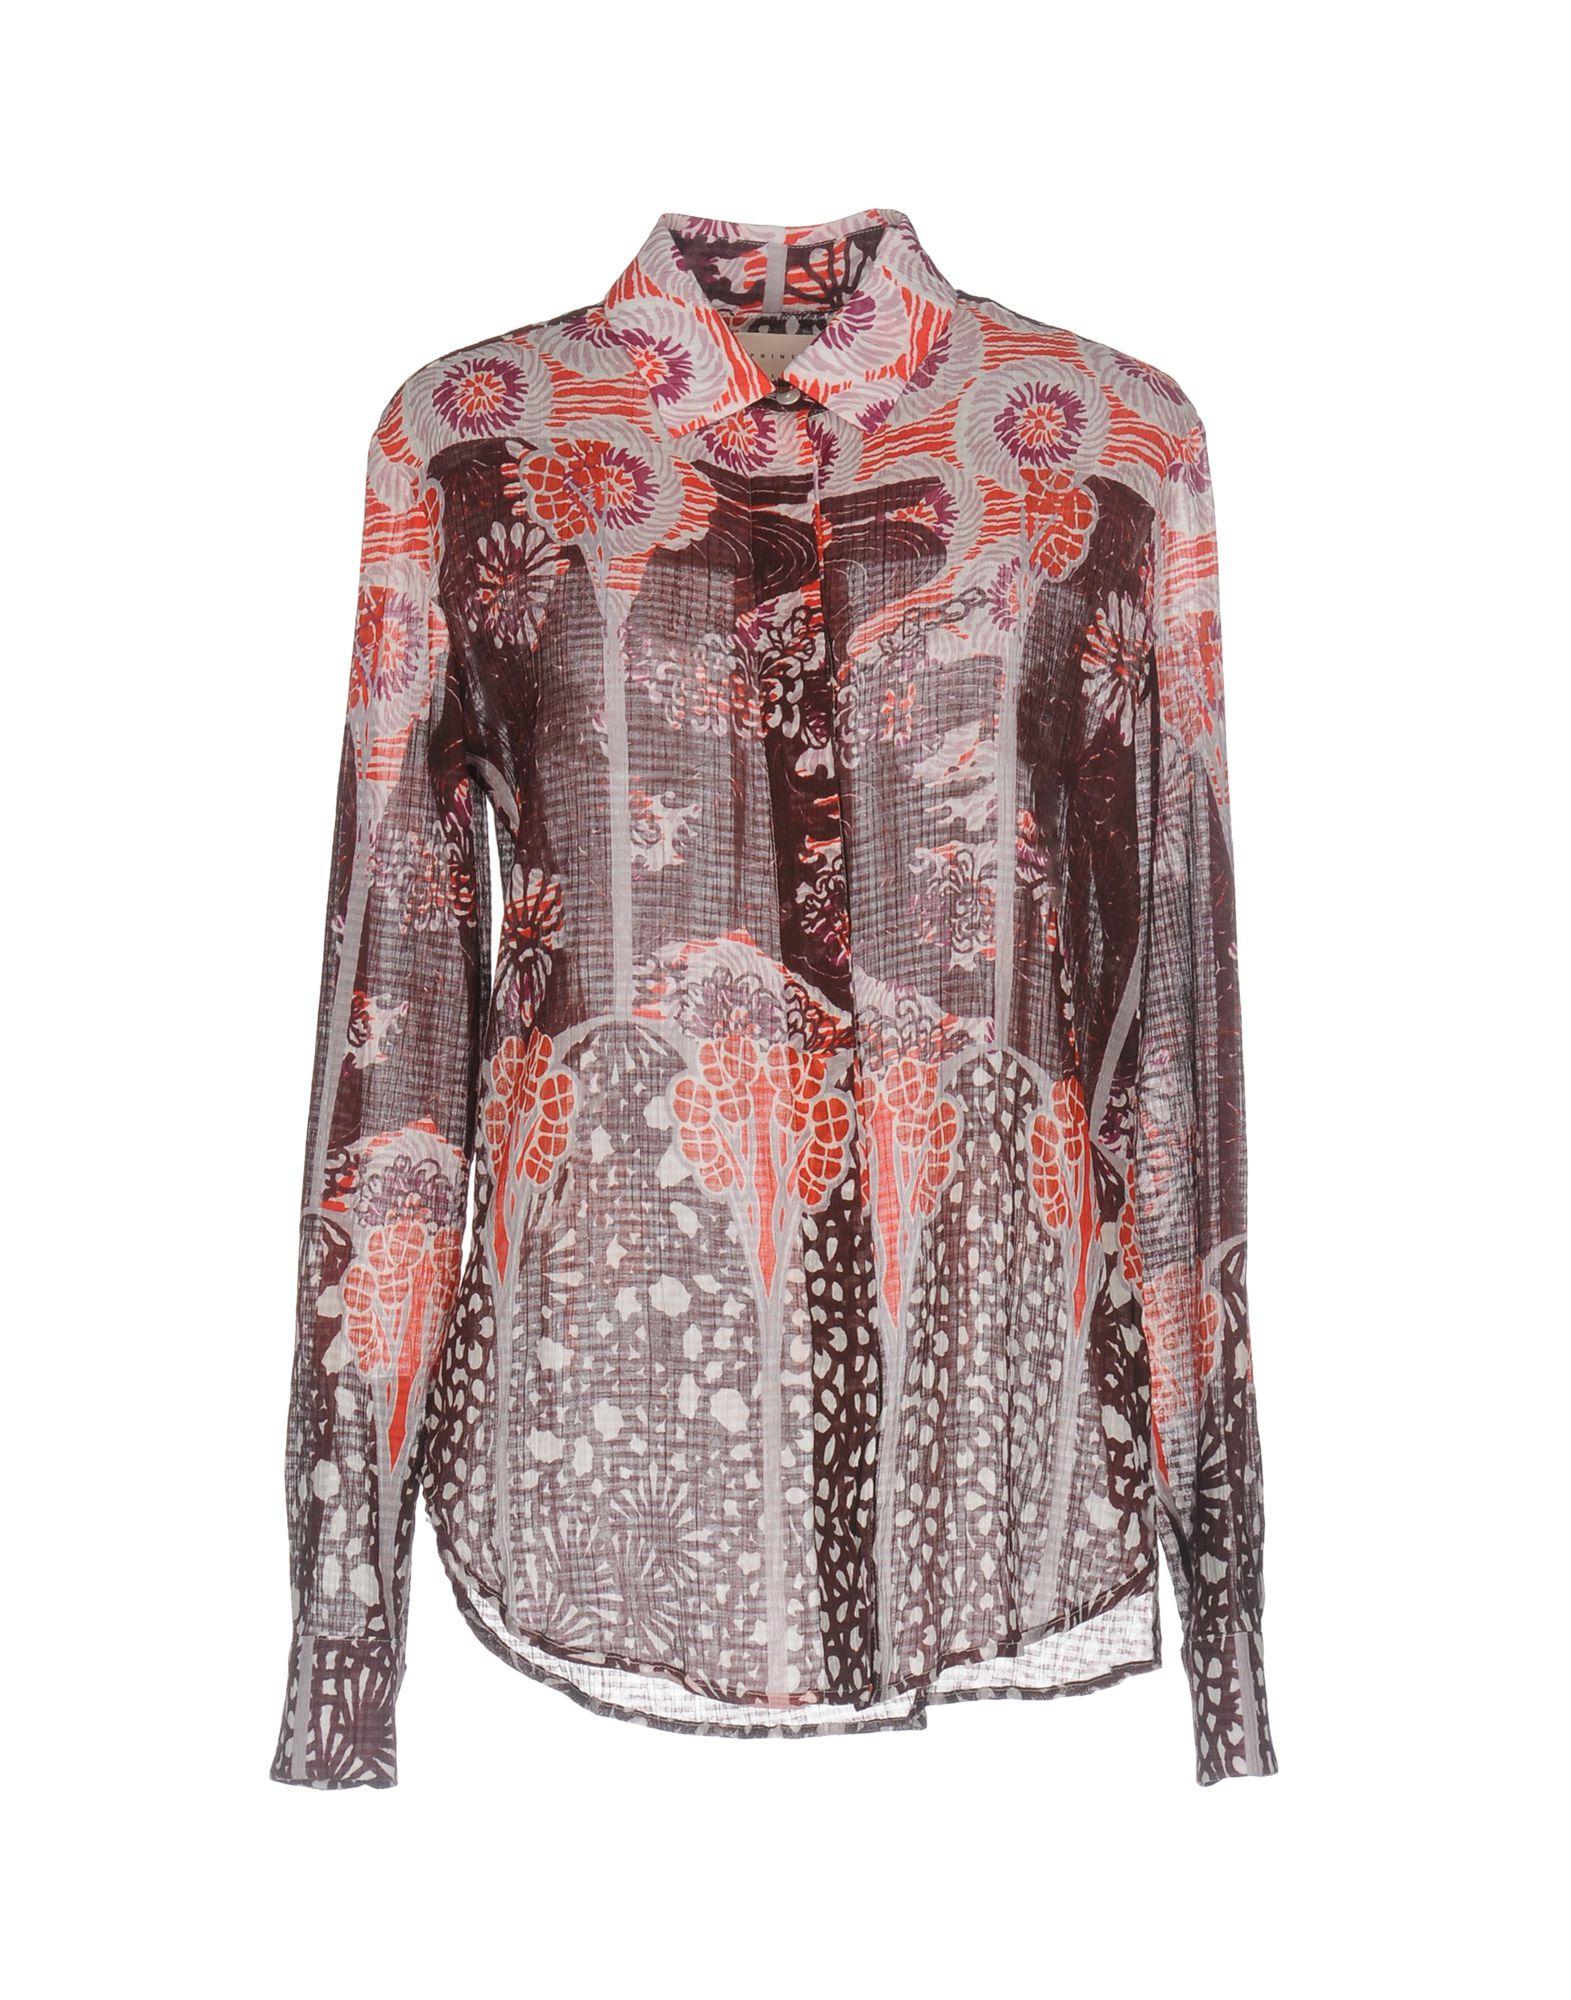 Camicie E Bluse A Fiori Rary Donna - Acquista online su HmJ60LIf